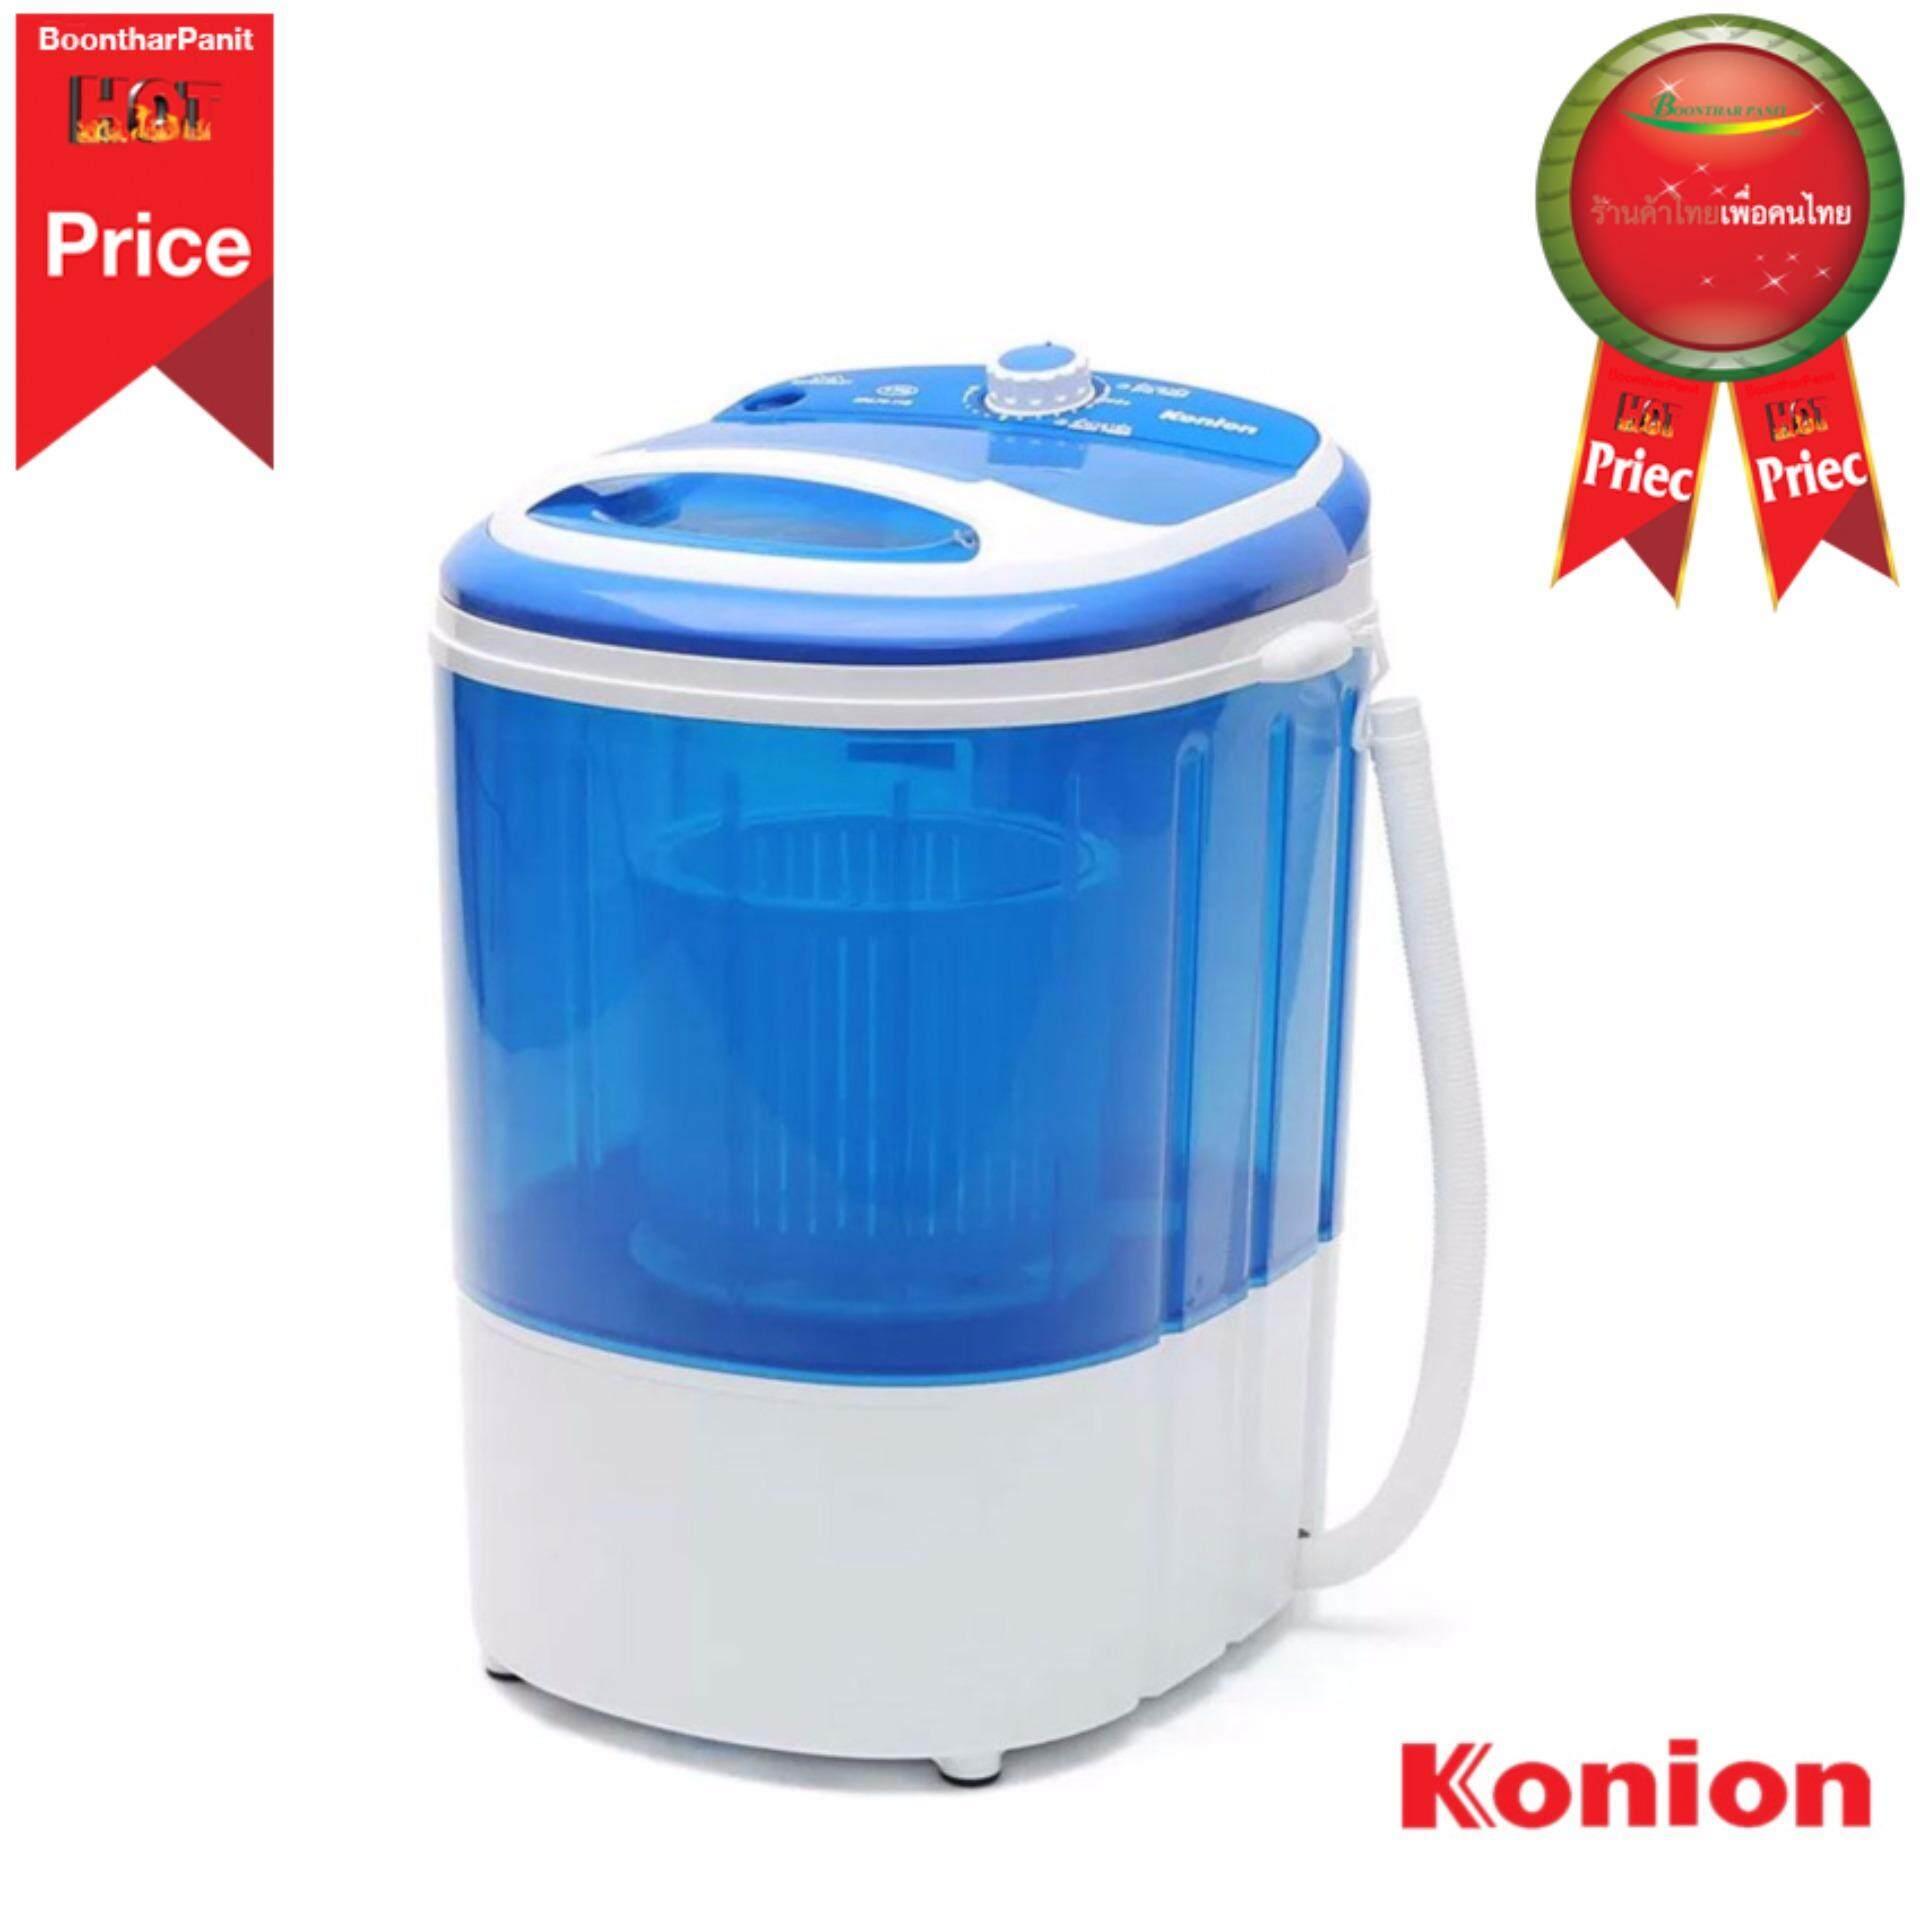 ส่วนลดถูกสุด ๆ เครื่องซักผ้า ซัมซุง ลด -15% Samsung เครื่องซักผ้าฝาหน้า รุ่น WW12K8412OW/ST พร้อมด้วย AddWash, 12 กก. เช็คราคาที่ดีที่สุด